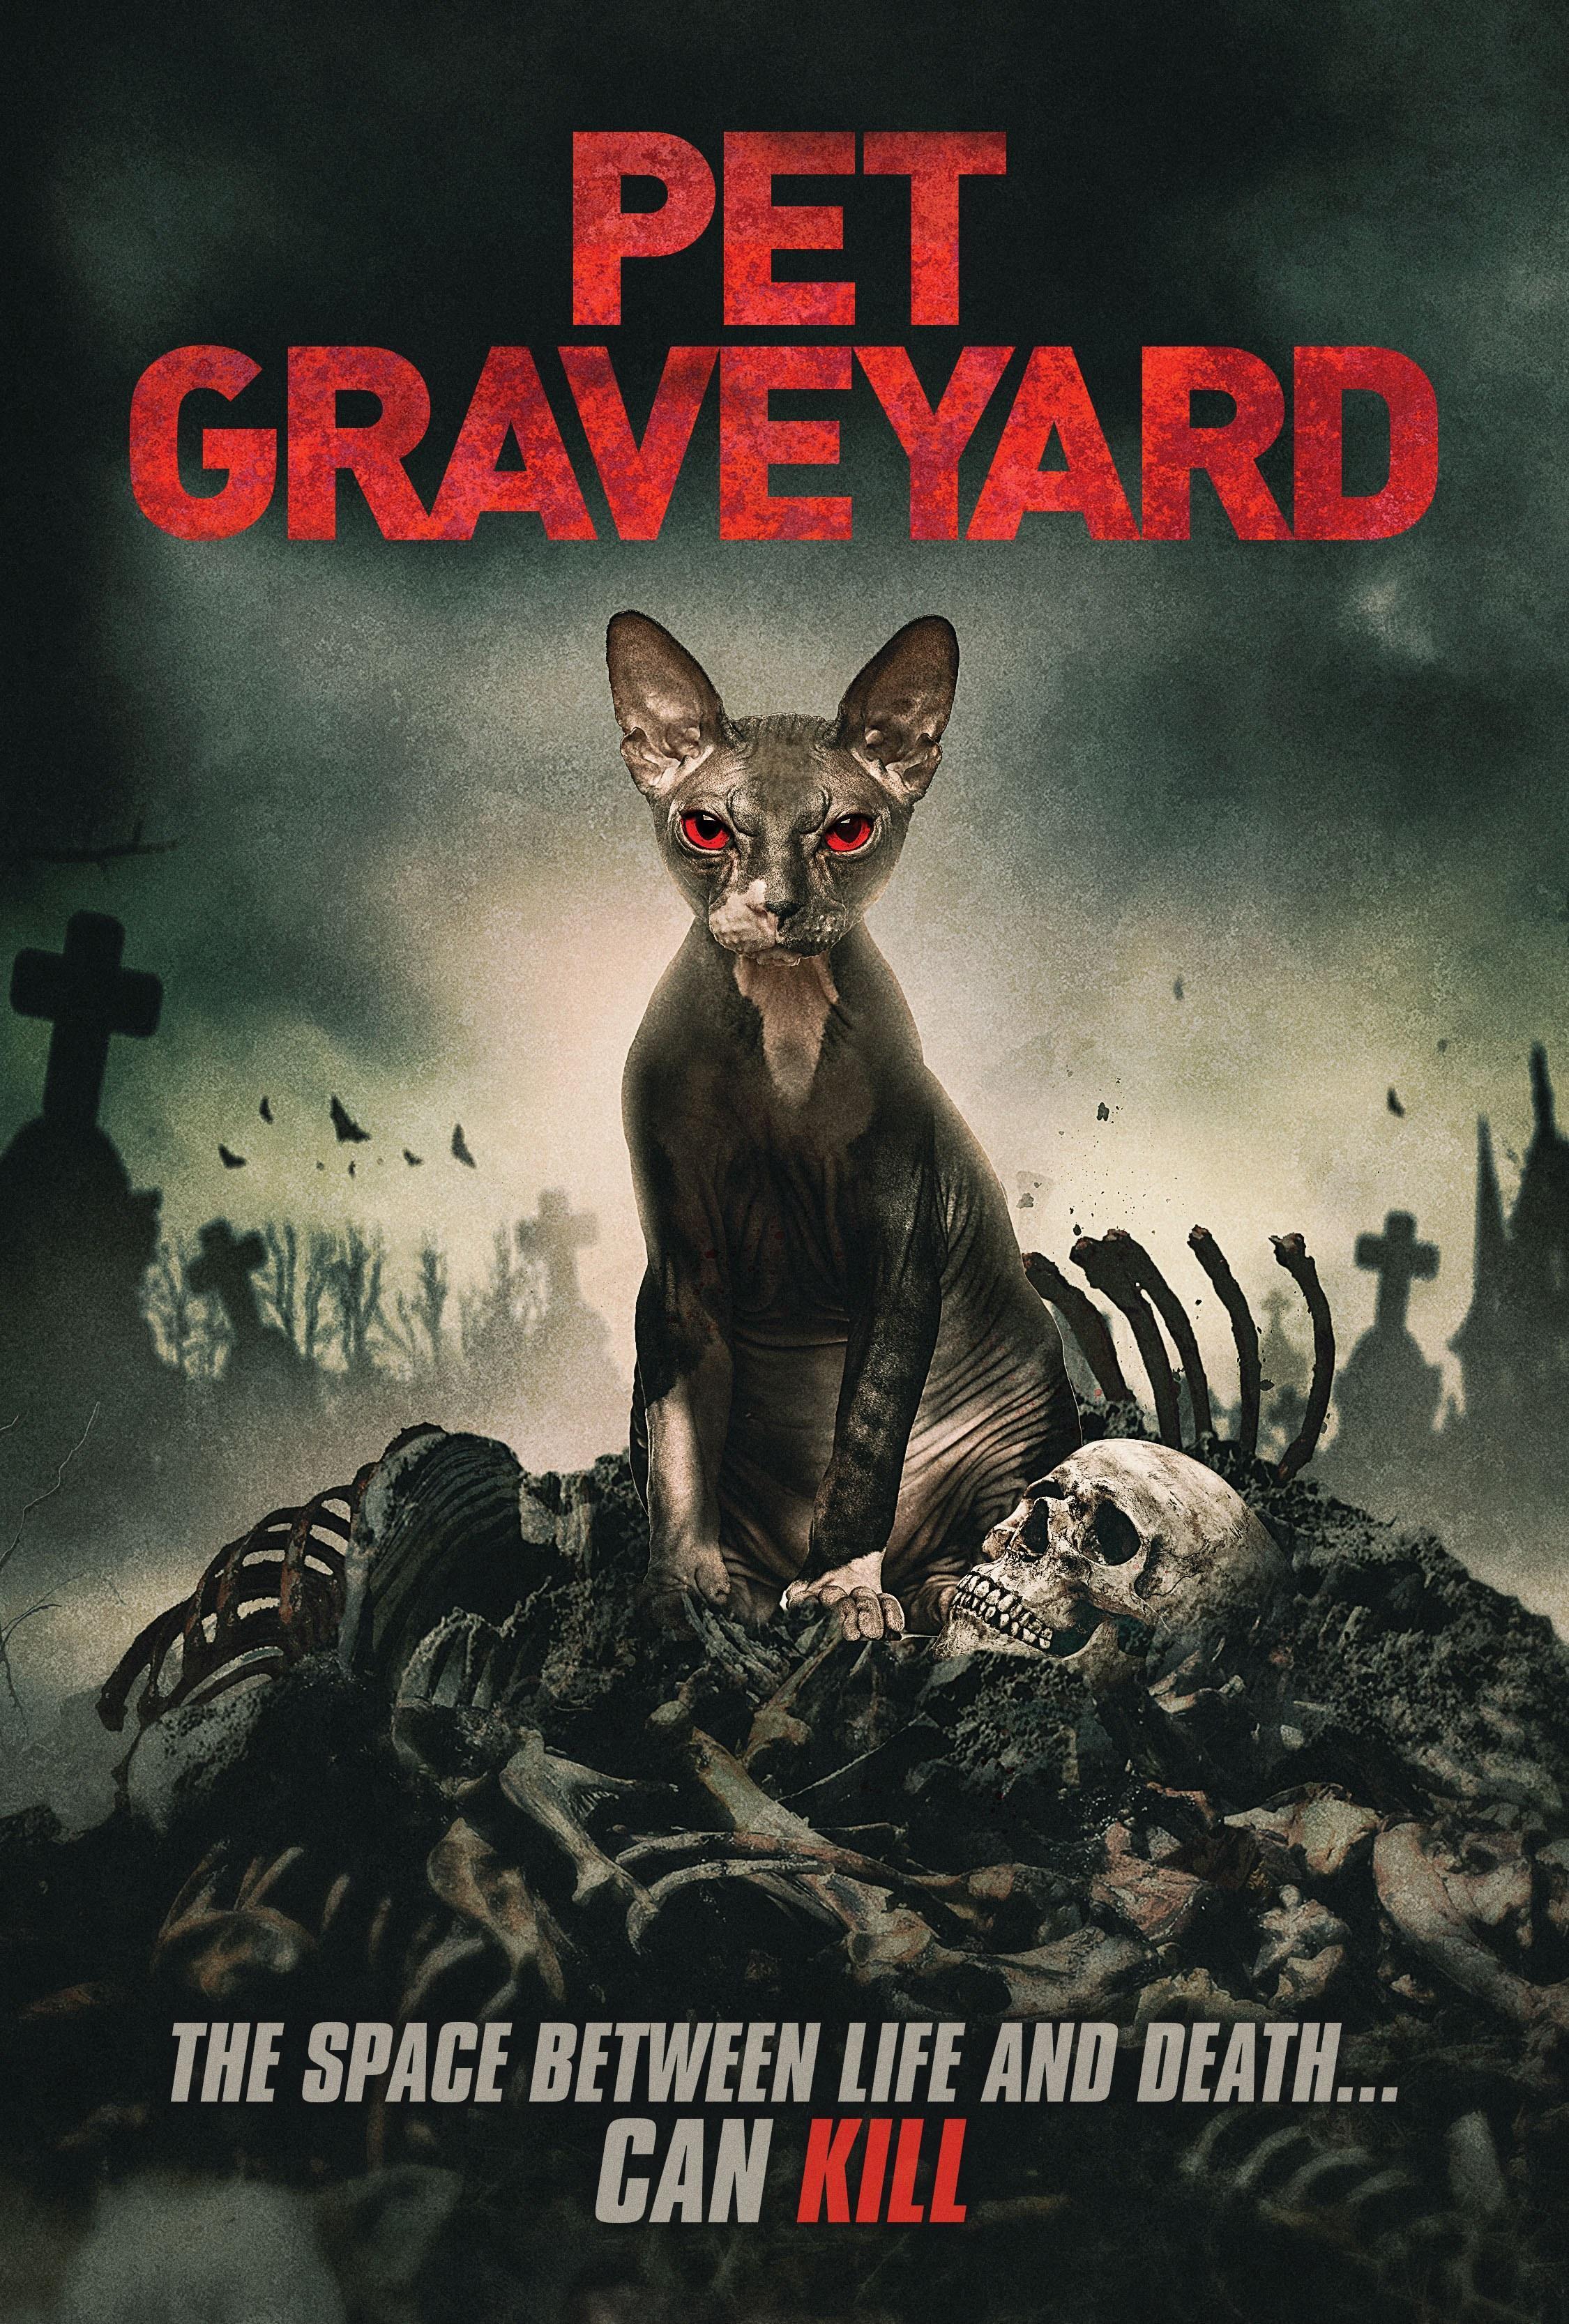 宠物坟墓 Pet Graveyard720p (2019)百度云迅雷下载